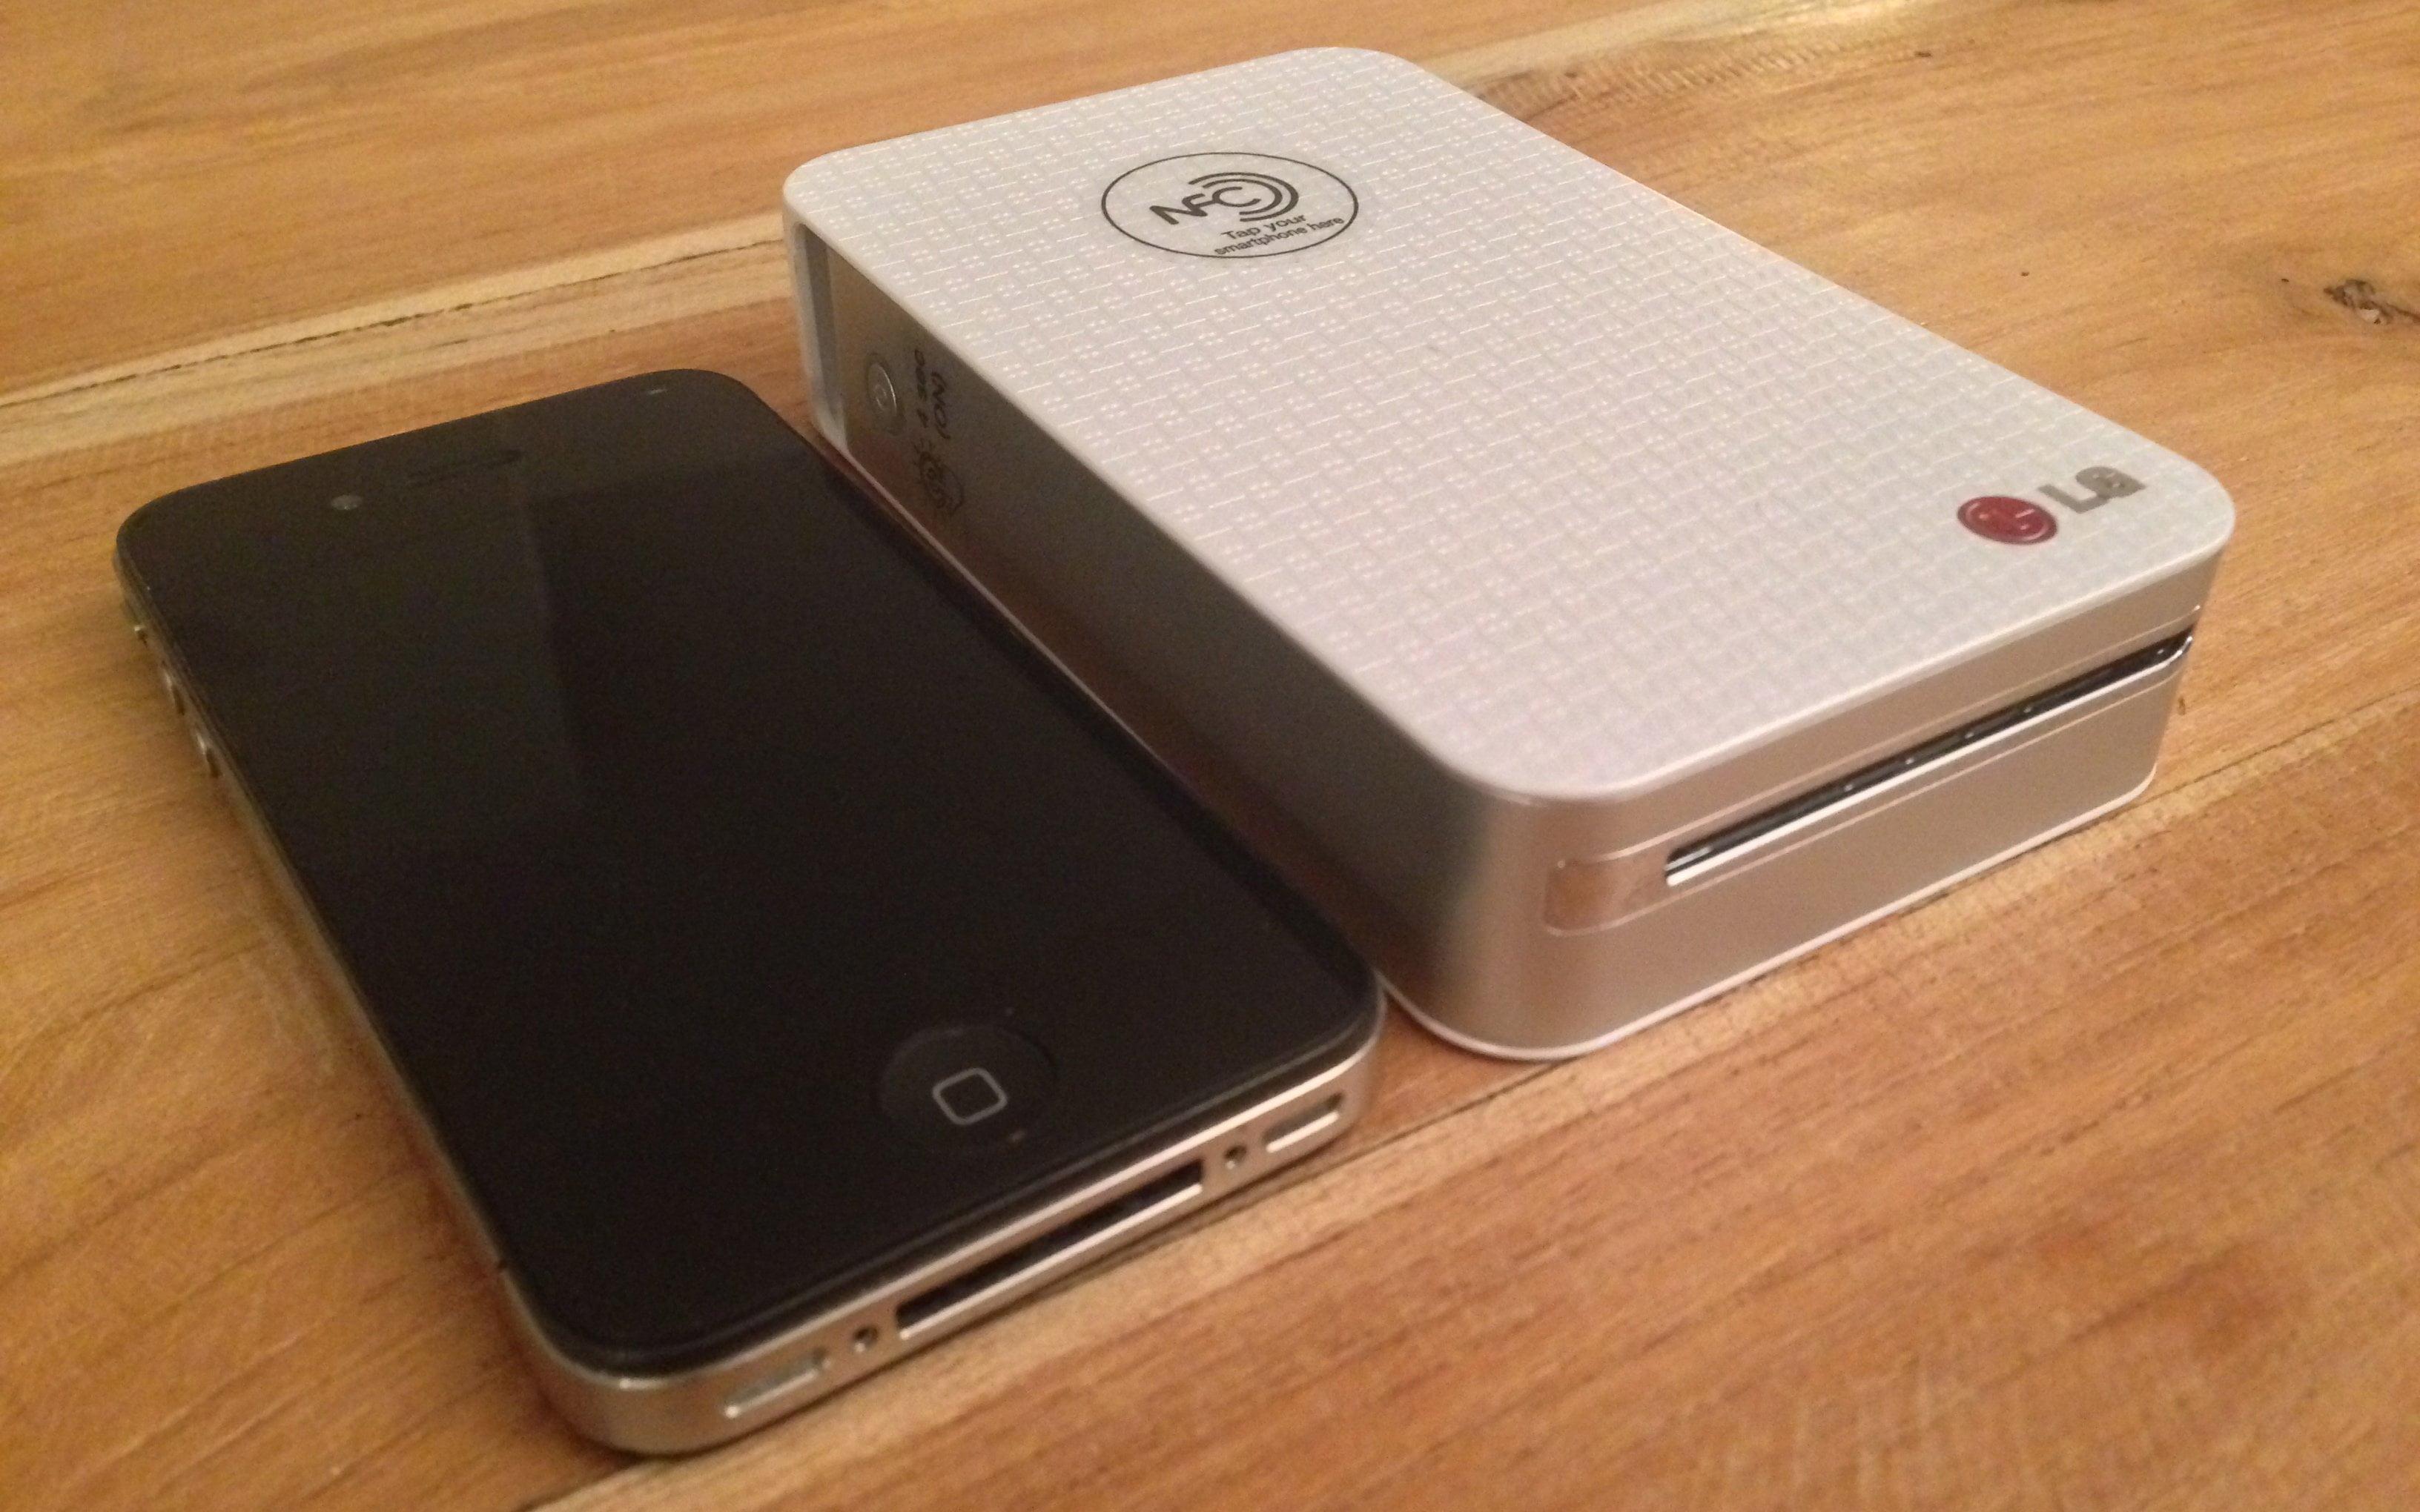 Iphone  Laadt Niet Op Via Usb